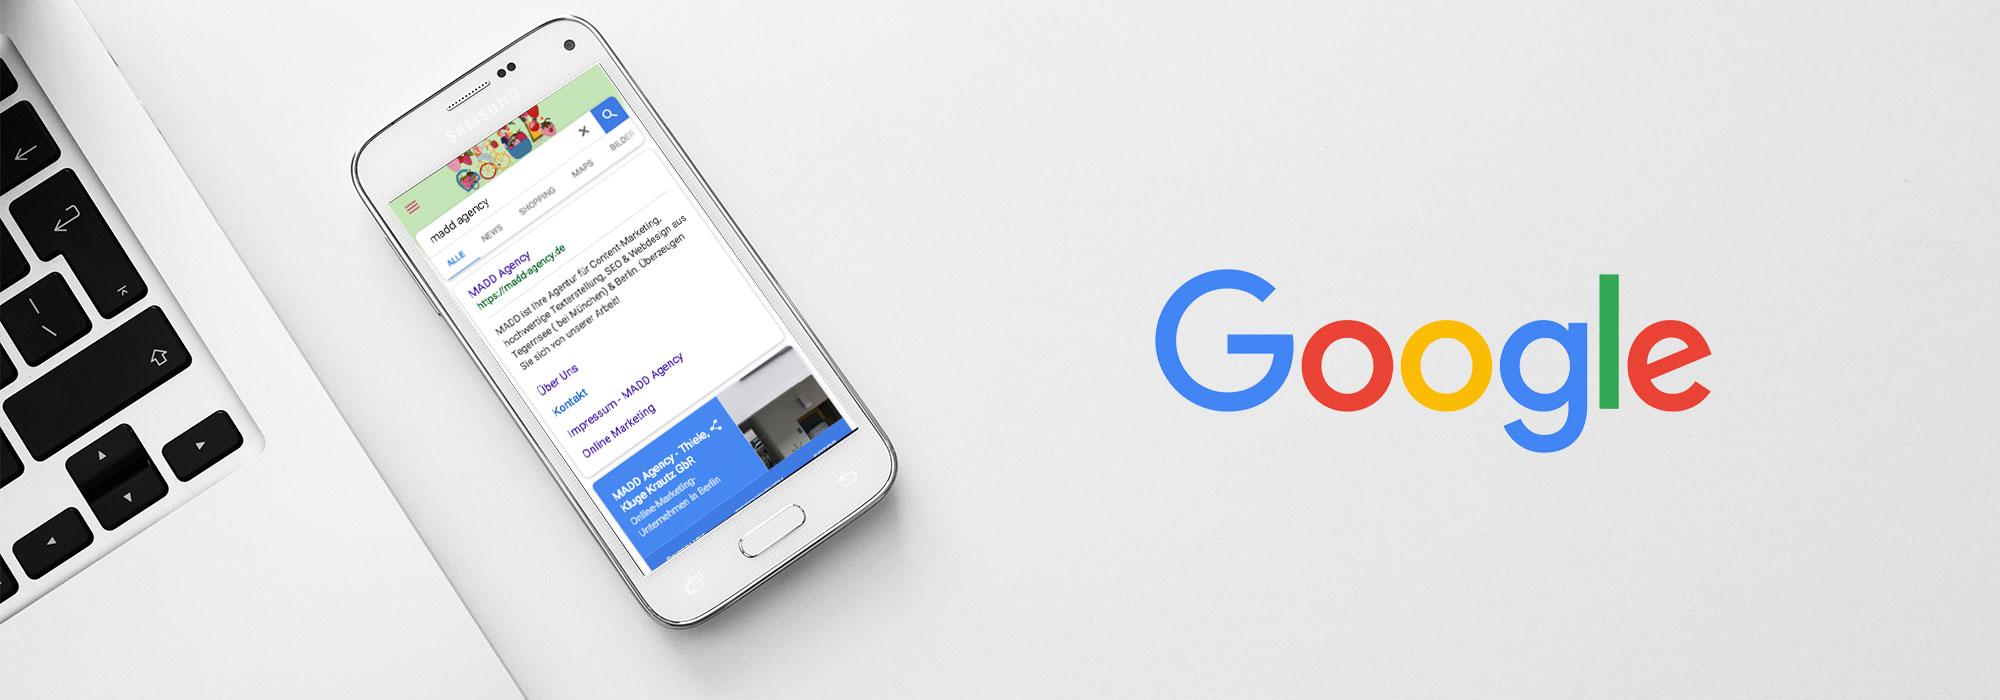 Smartphone mit Google-Suchseite